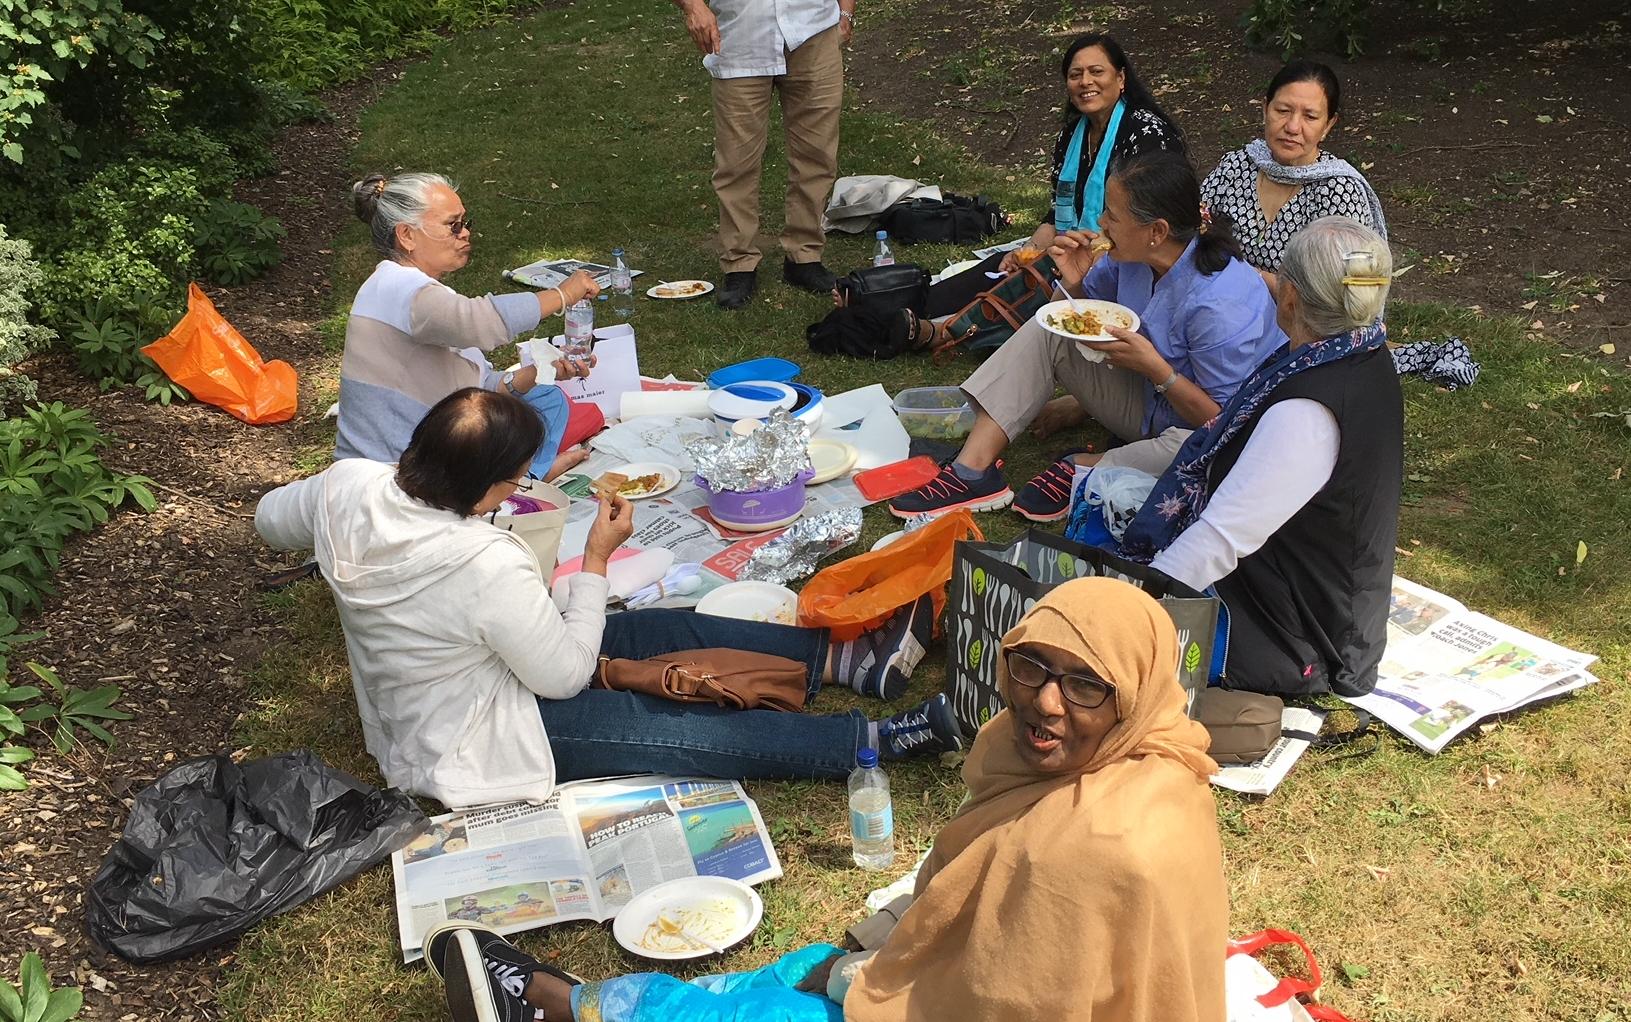 akash_picnic.JPG